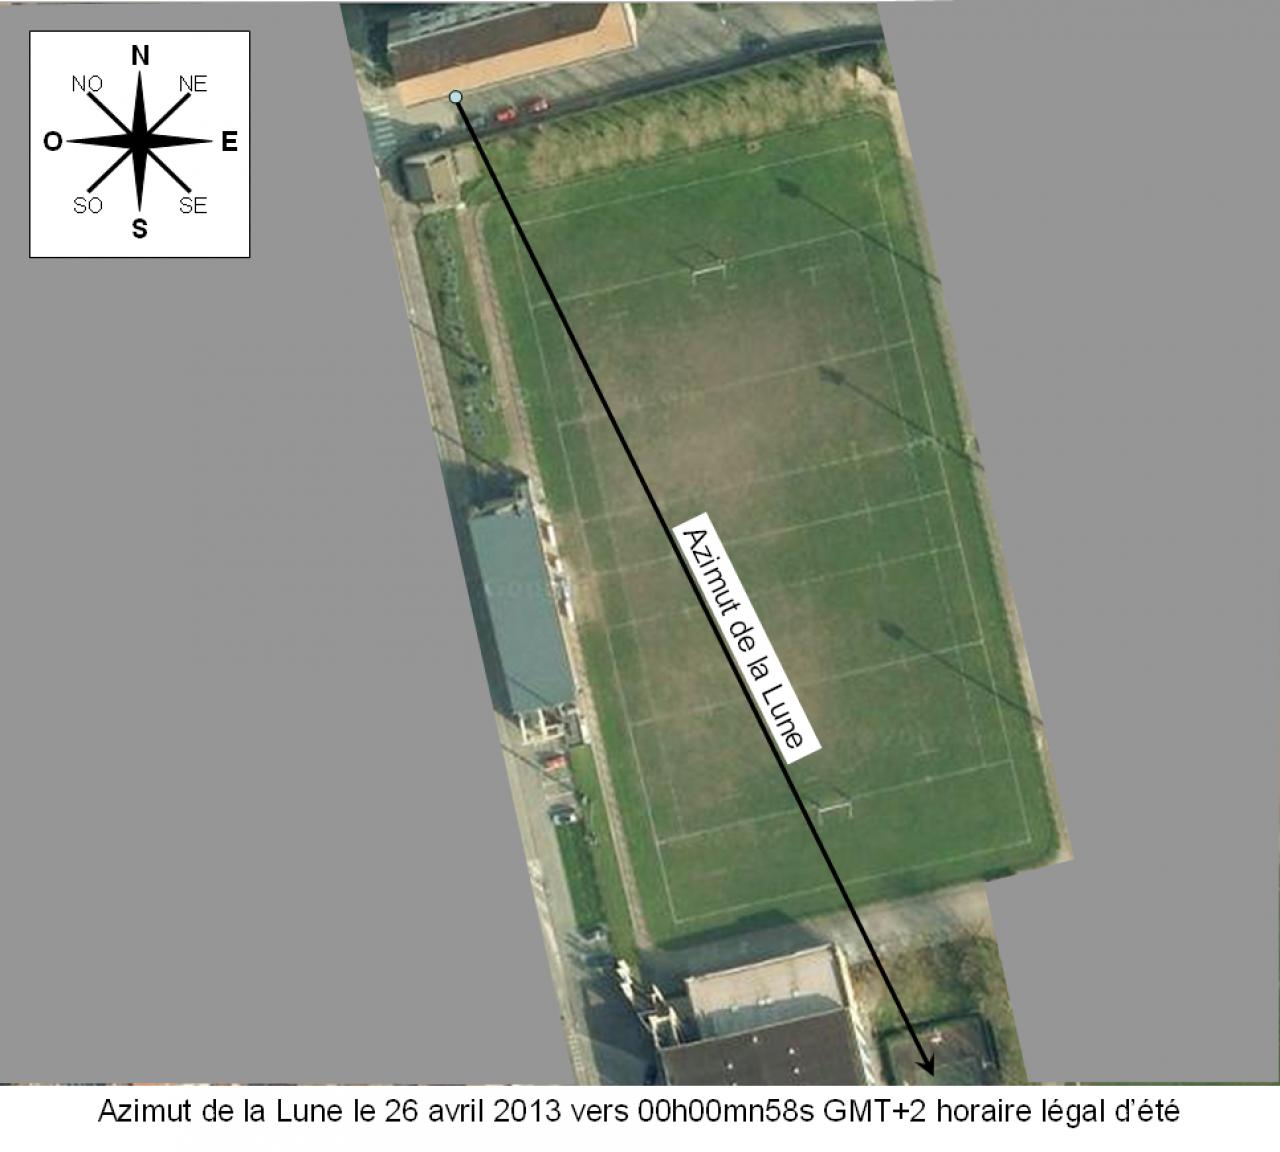 2013: le 26/04Lumière étrange dans le ciel  - Dunkerque (France)  246254ClaudeT7